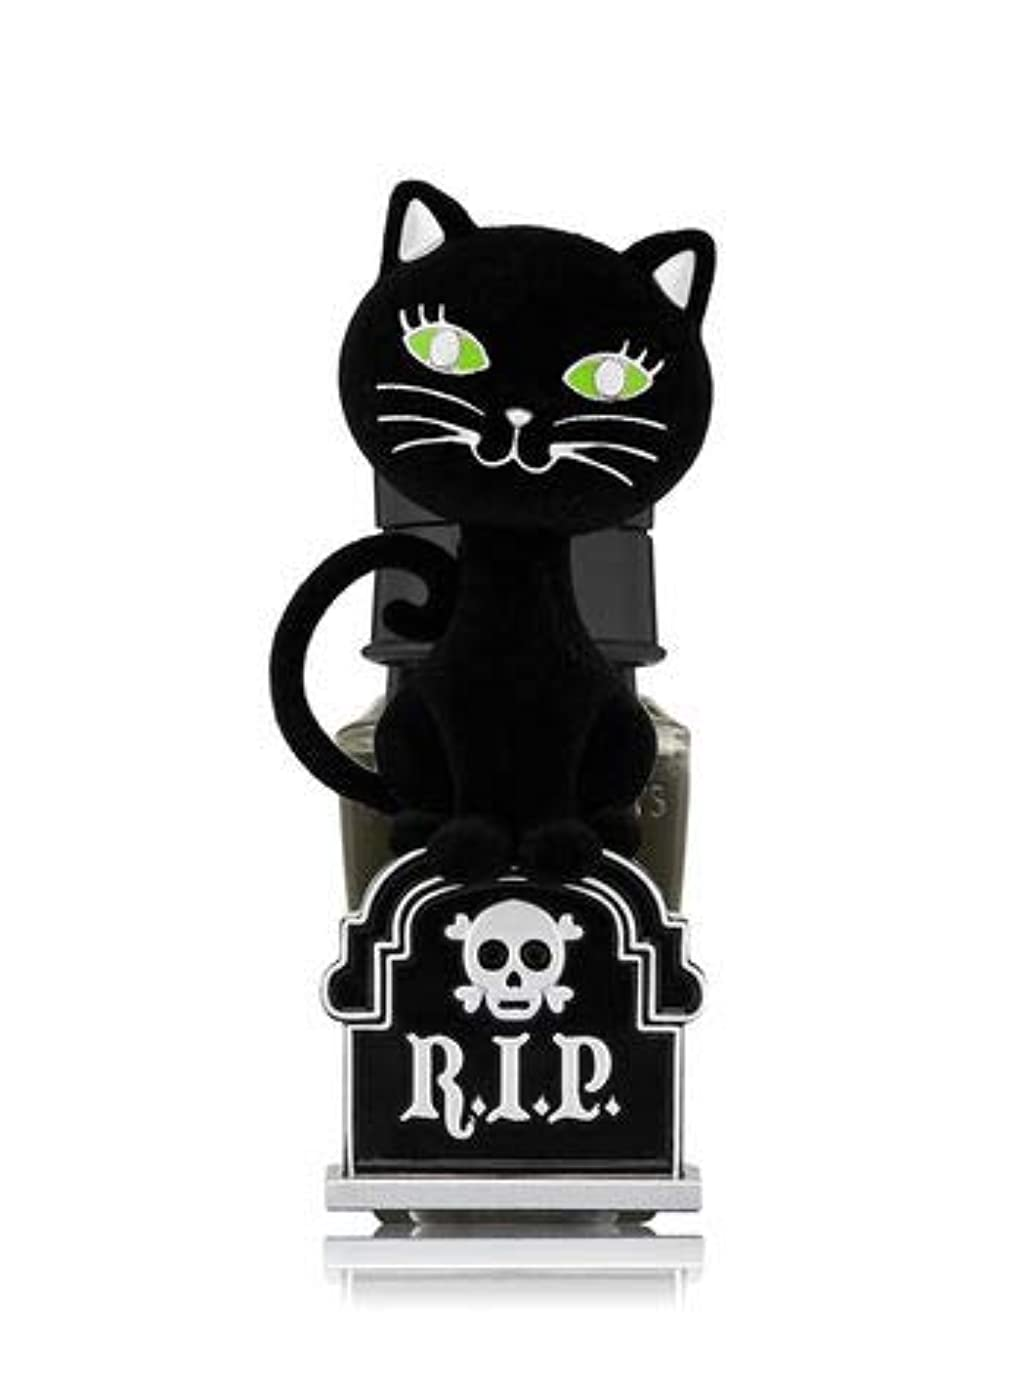 締めるブルジョン記録【Bath&Body Works/バス&ボディワークス】 ルームフレグランス プラグインスターター (本体のみ) ハロウィン 黒猫 ナイトライト Wallflowers Fragrance Plug Halloween...